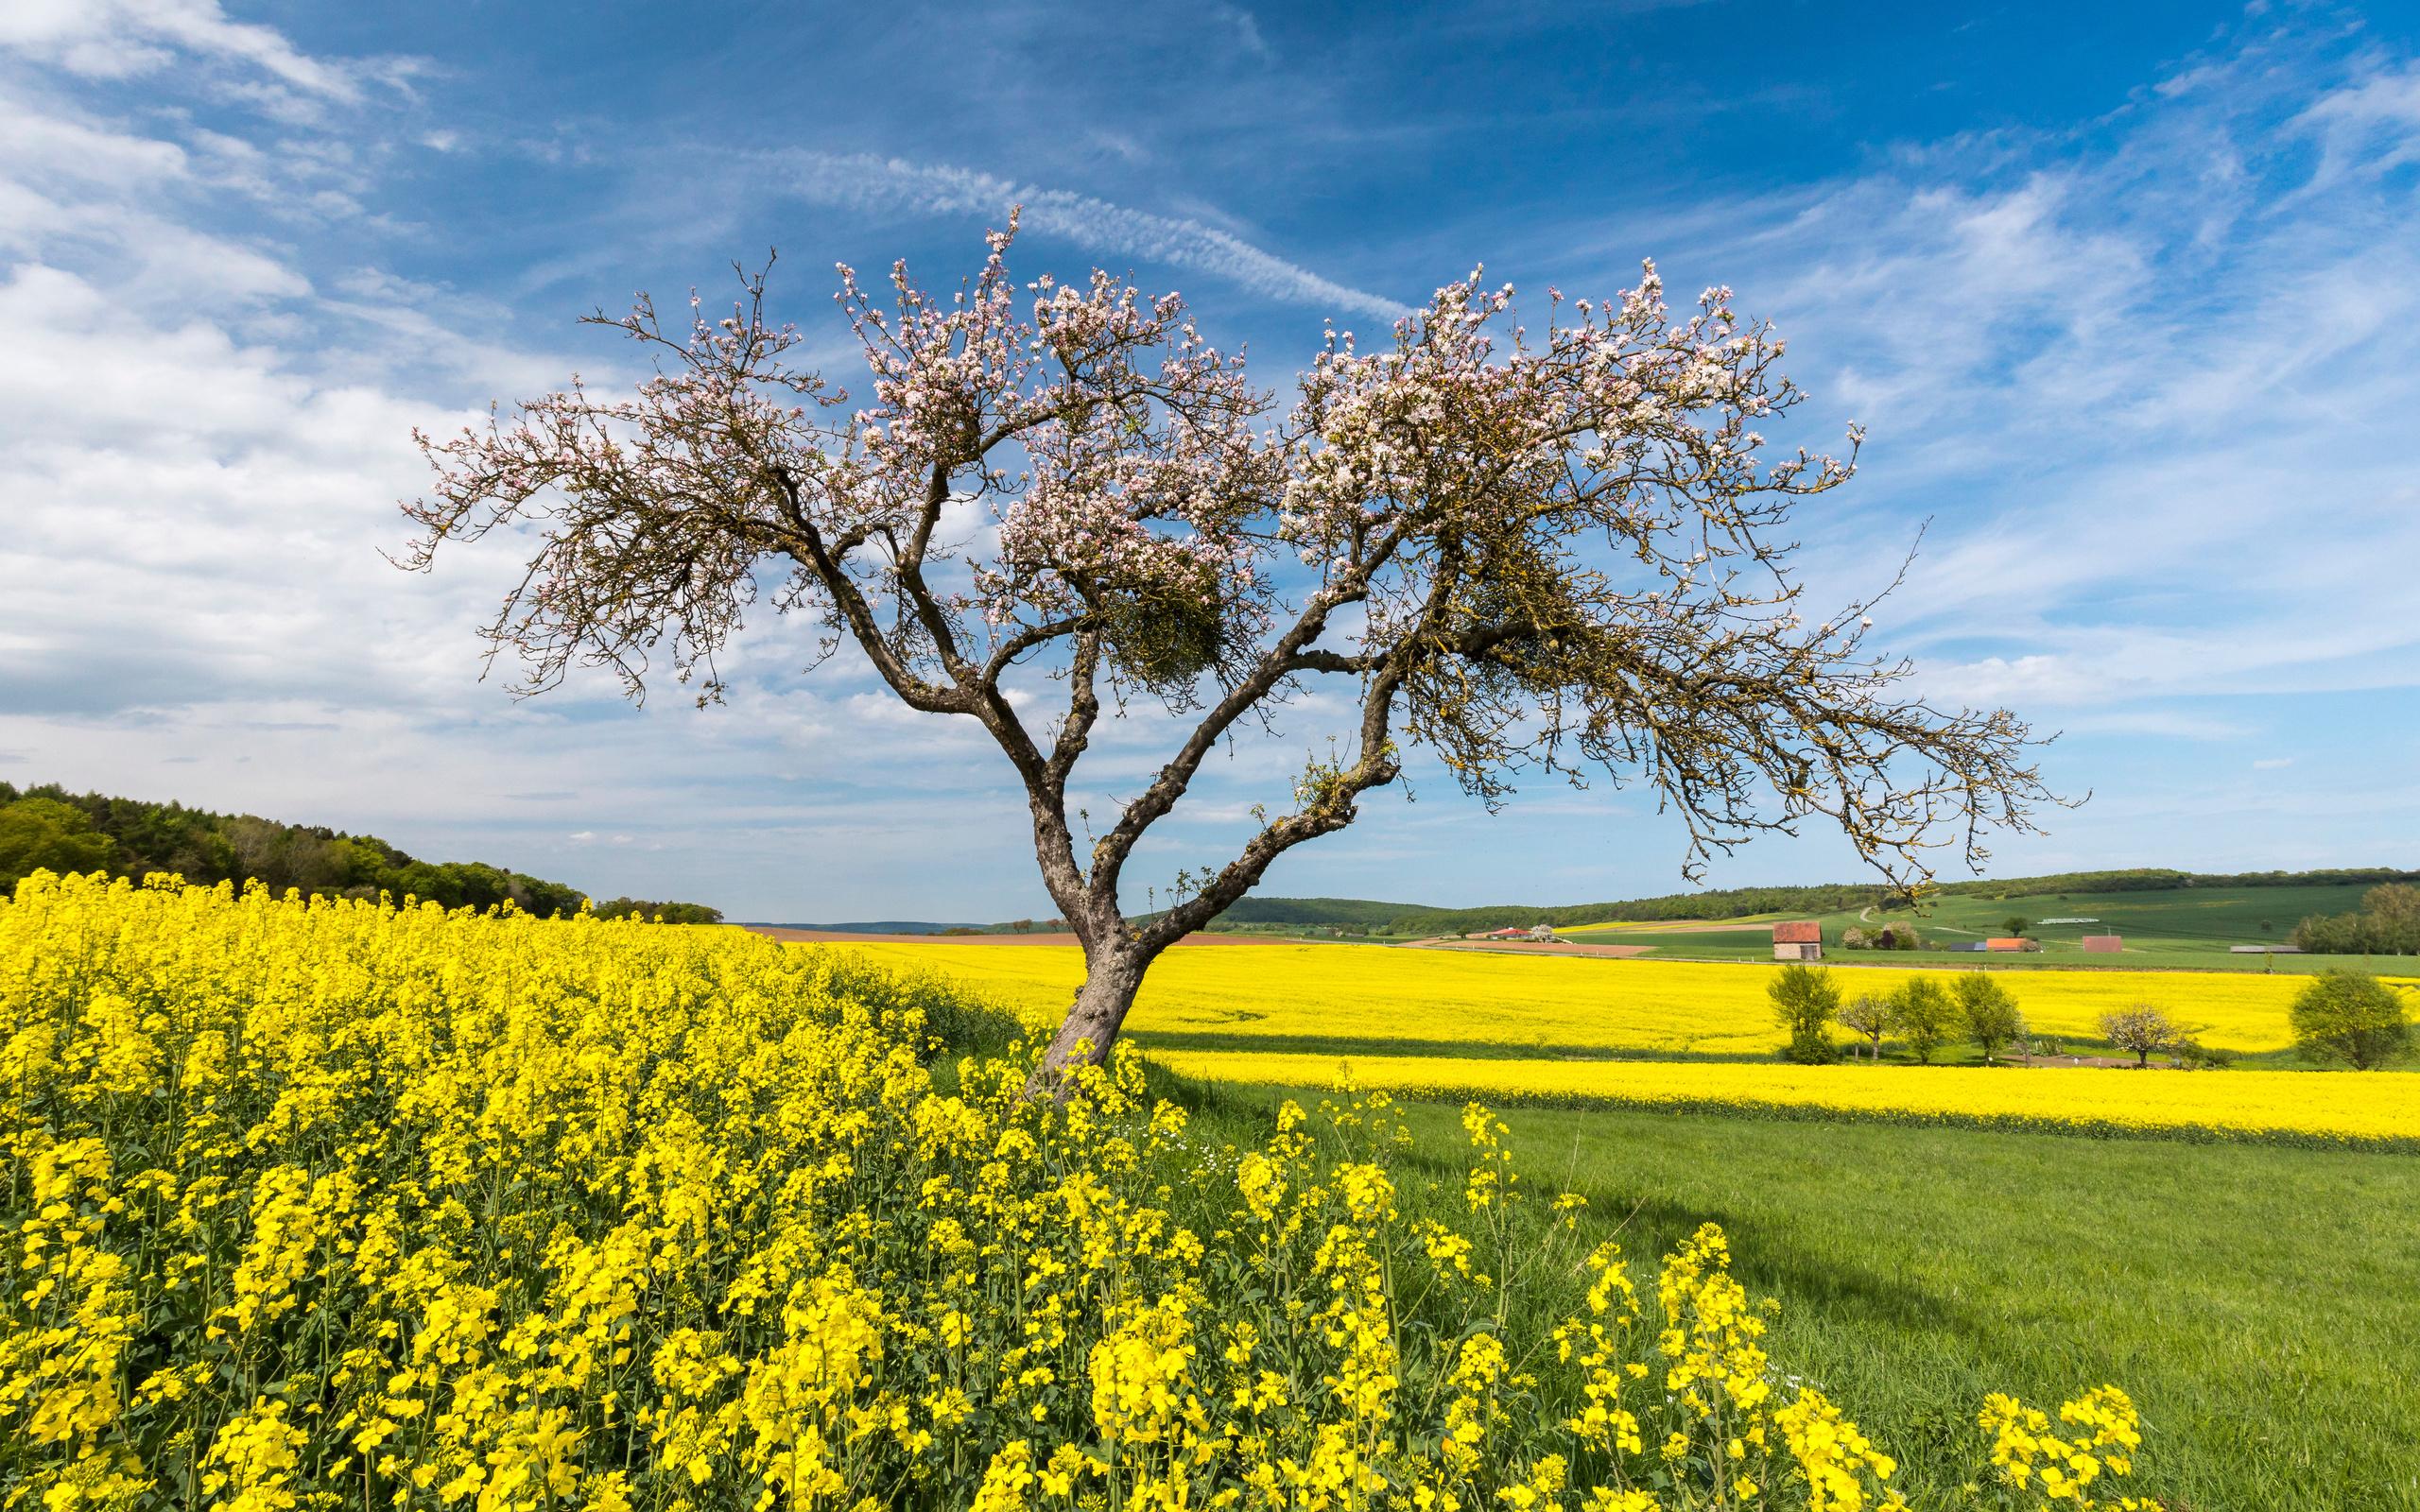 германия, поле, рапс, деревья, весна, небо, hessen, природа